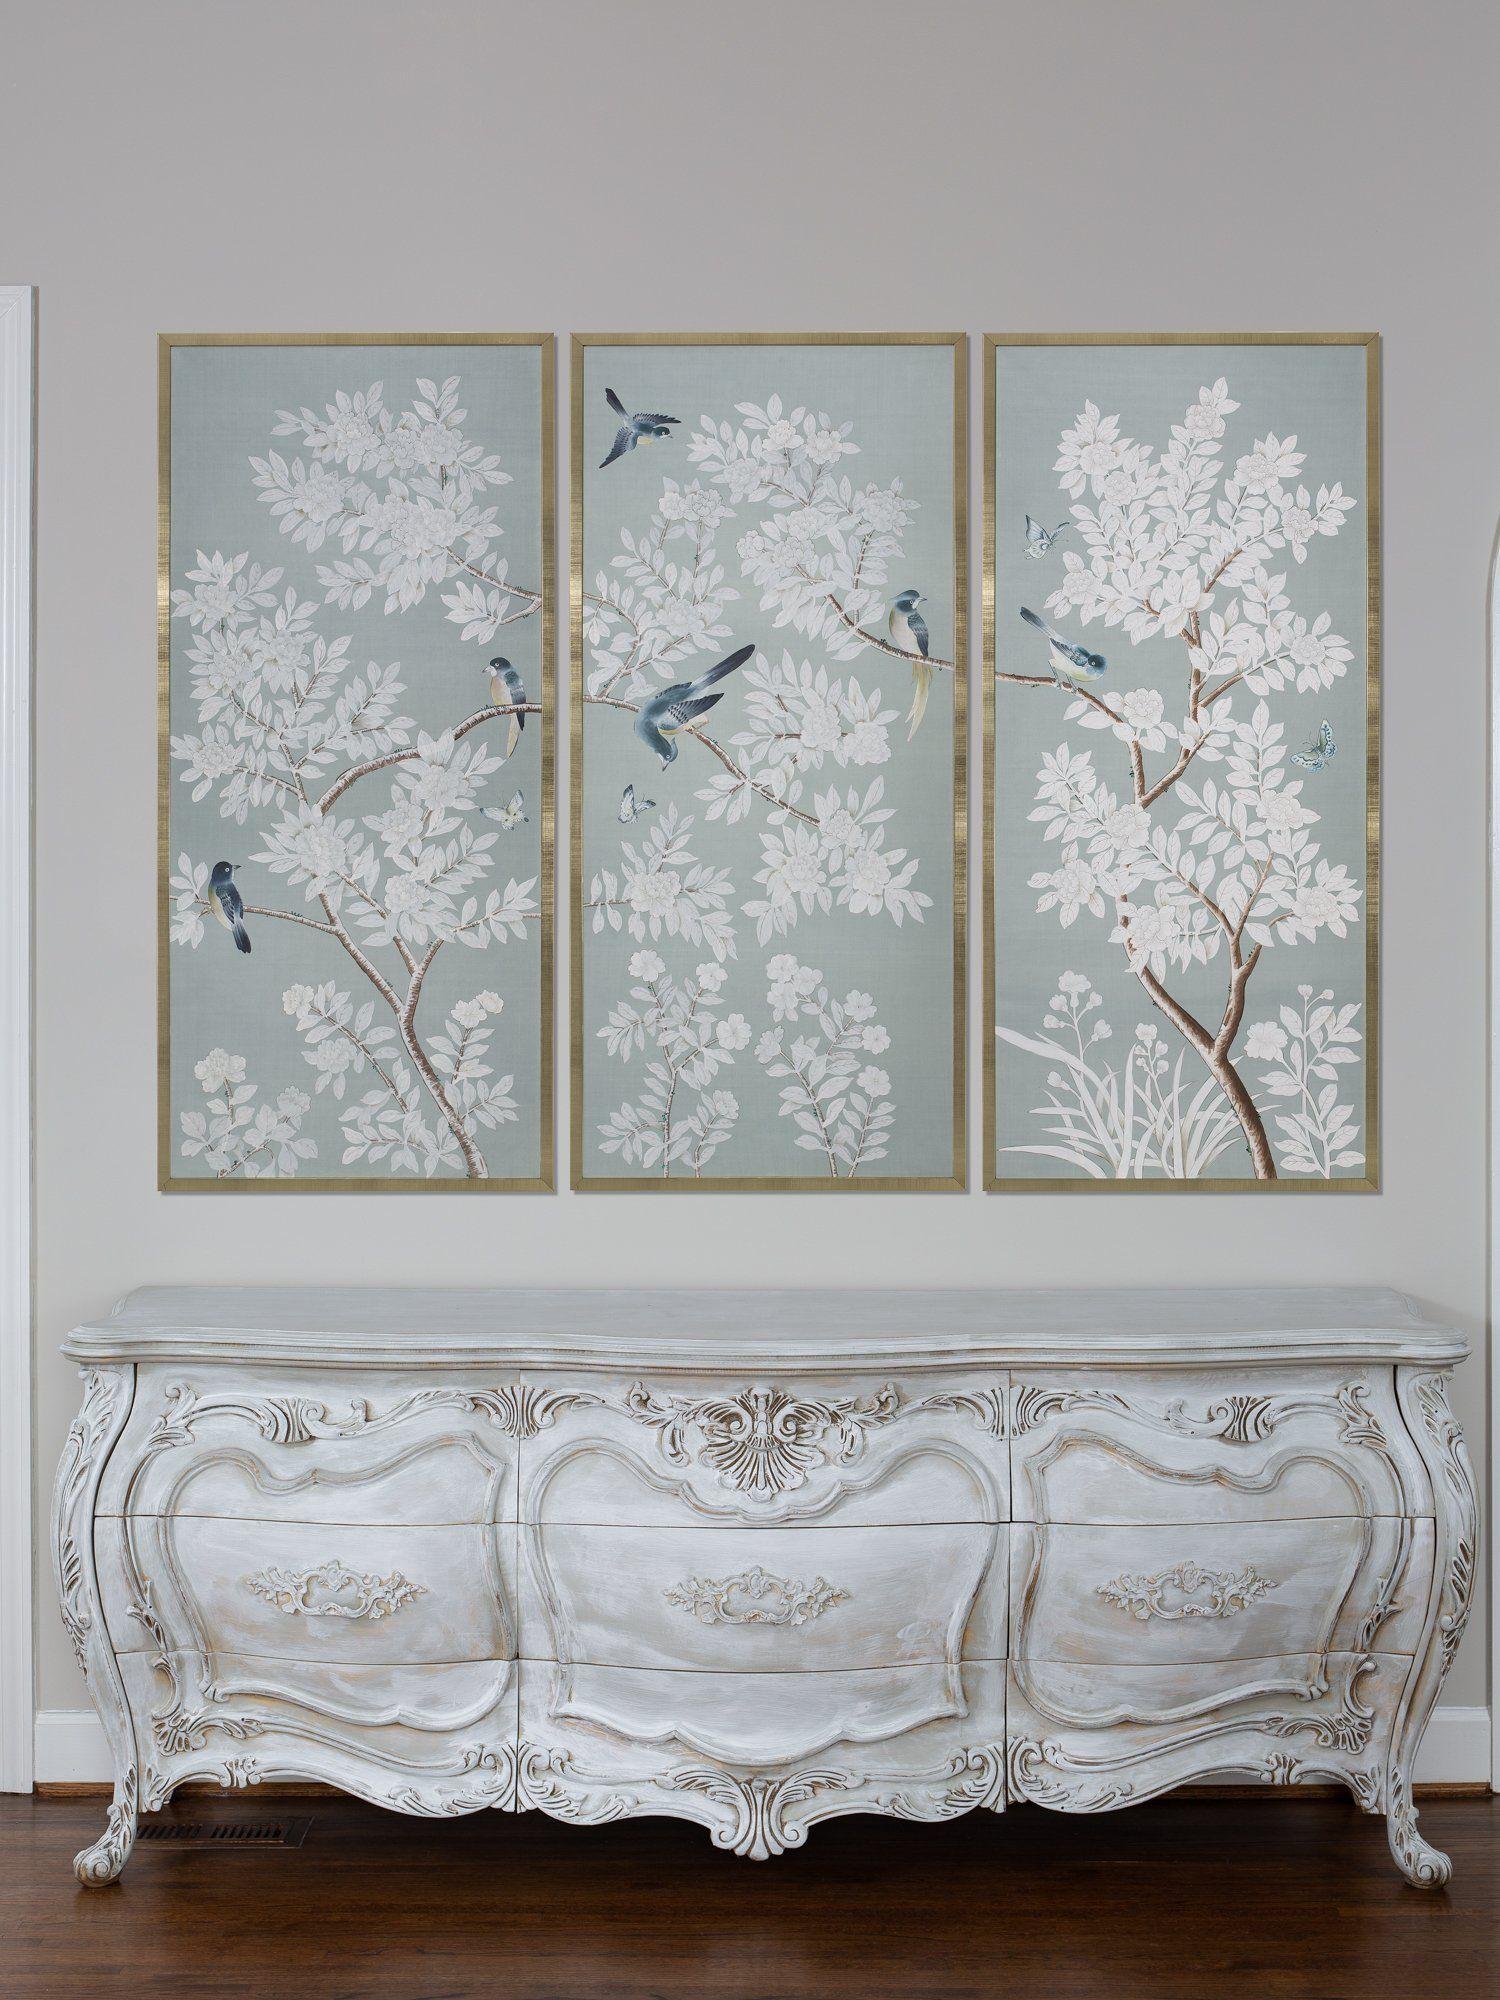 Framed Chinoiserie Panels Chinoiserie wallpaper, Framed